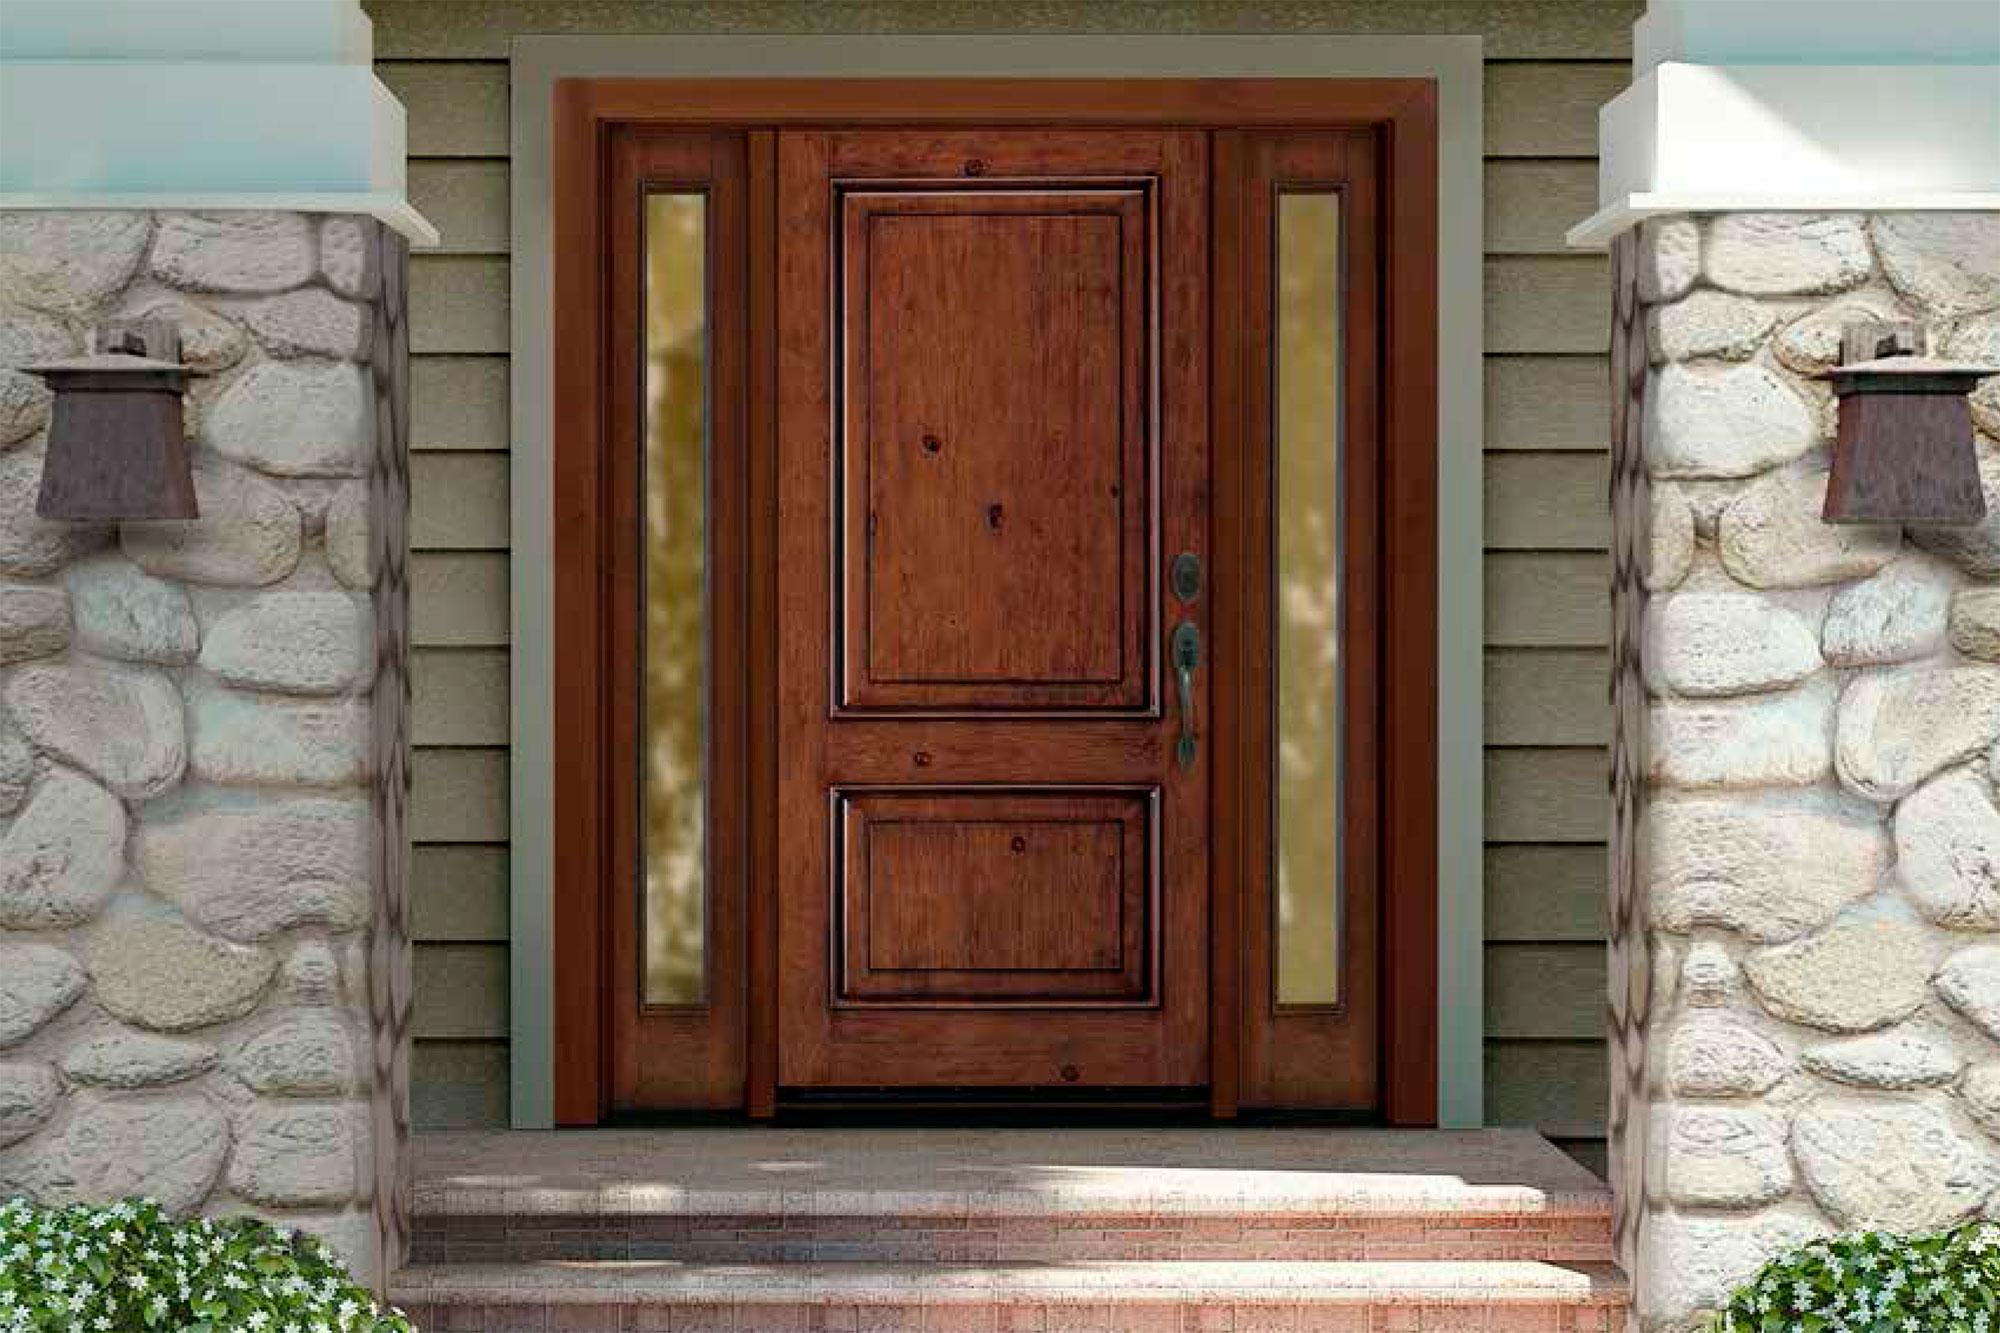 Fiberglass Exterior Doors: Aurora Entry Doors From Doors